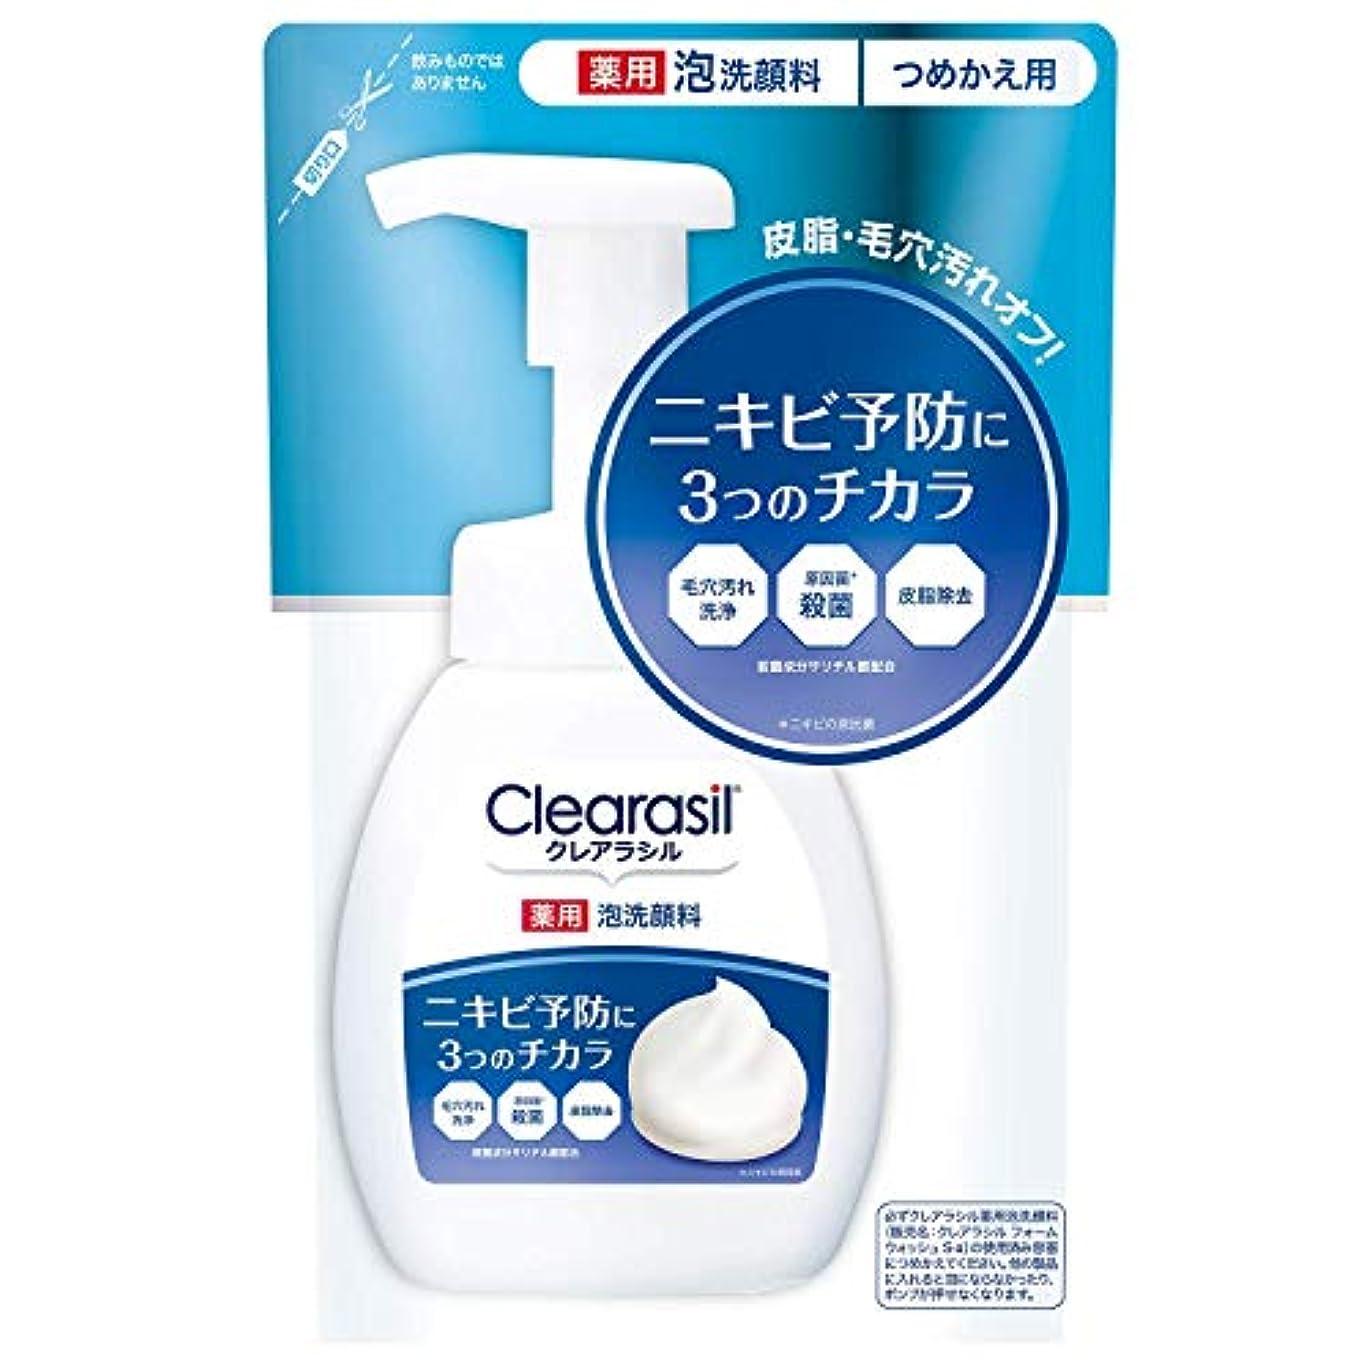 お別れくびれた上流の【clearasil】クレアラシル 薬用泡洗顔フォーム10 つめかえ用 (180ml) ×20個セット